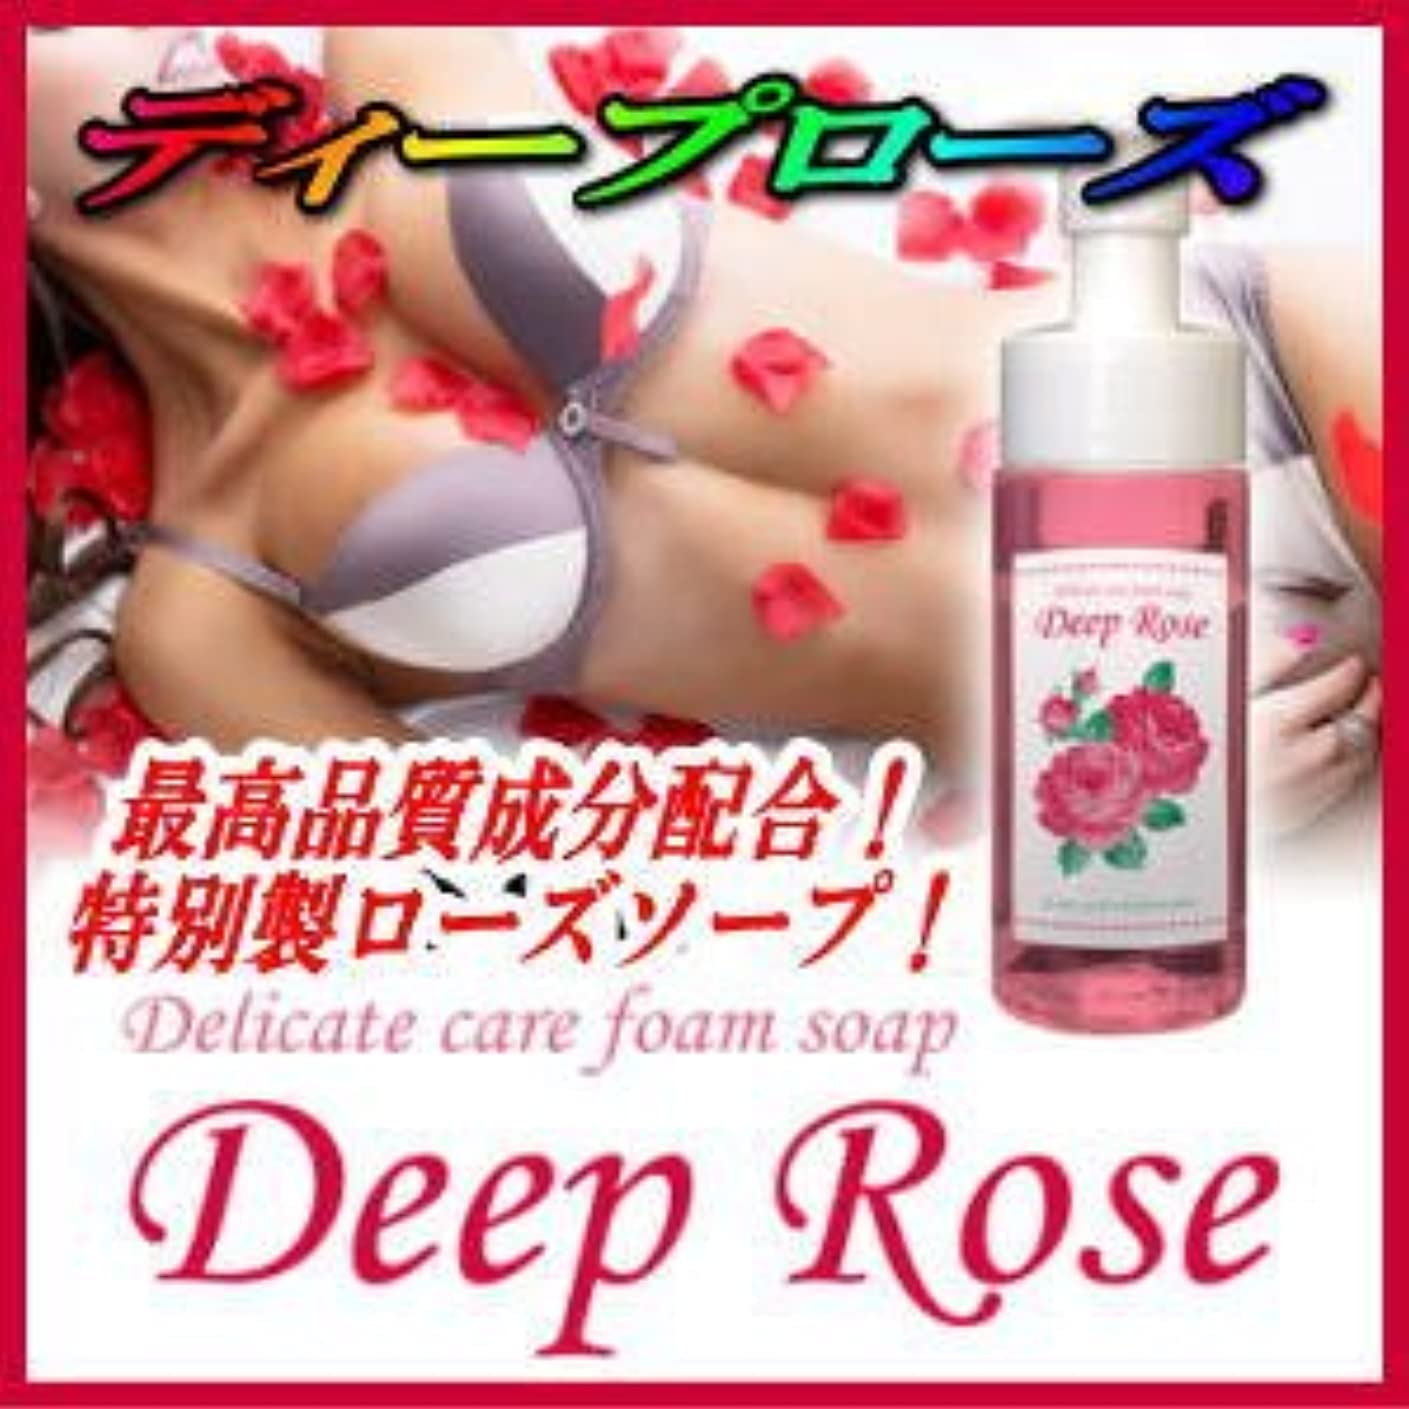 質量カストディアン寝室DEEP ROSE (ディープローズ)